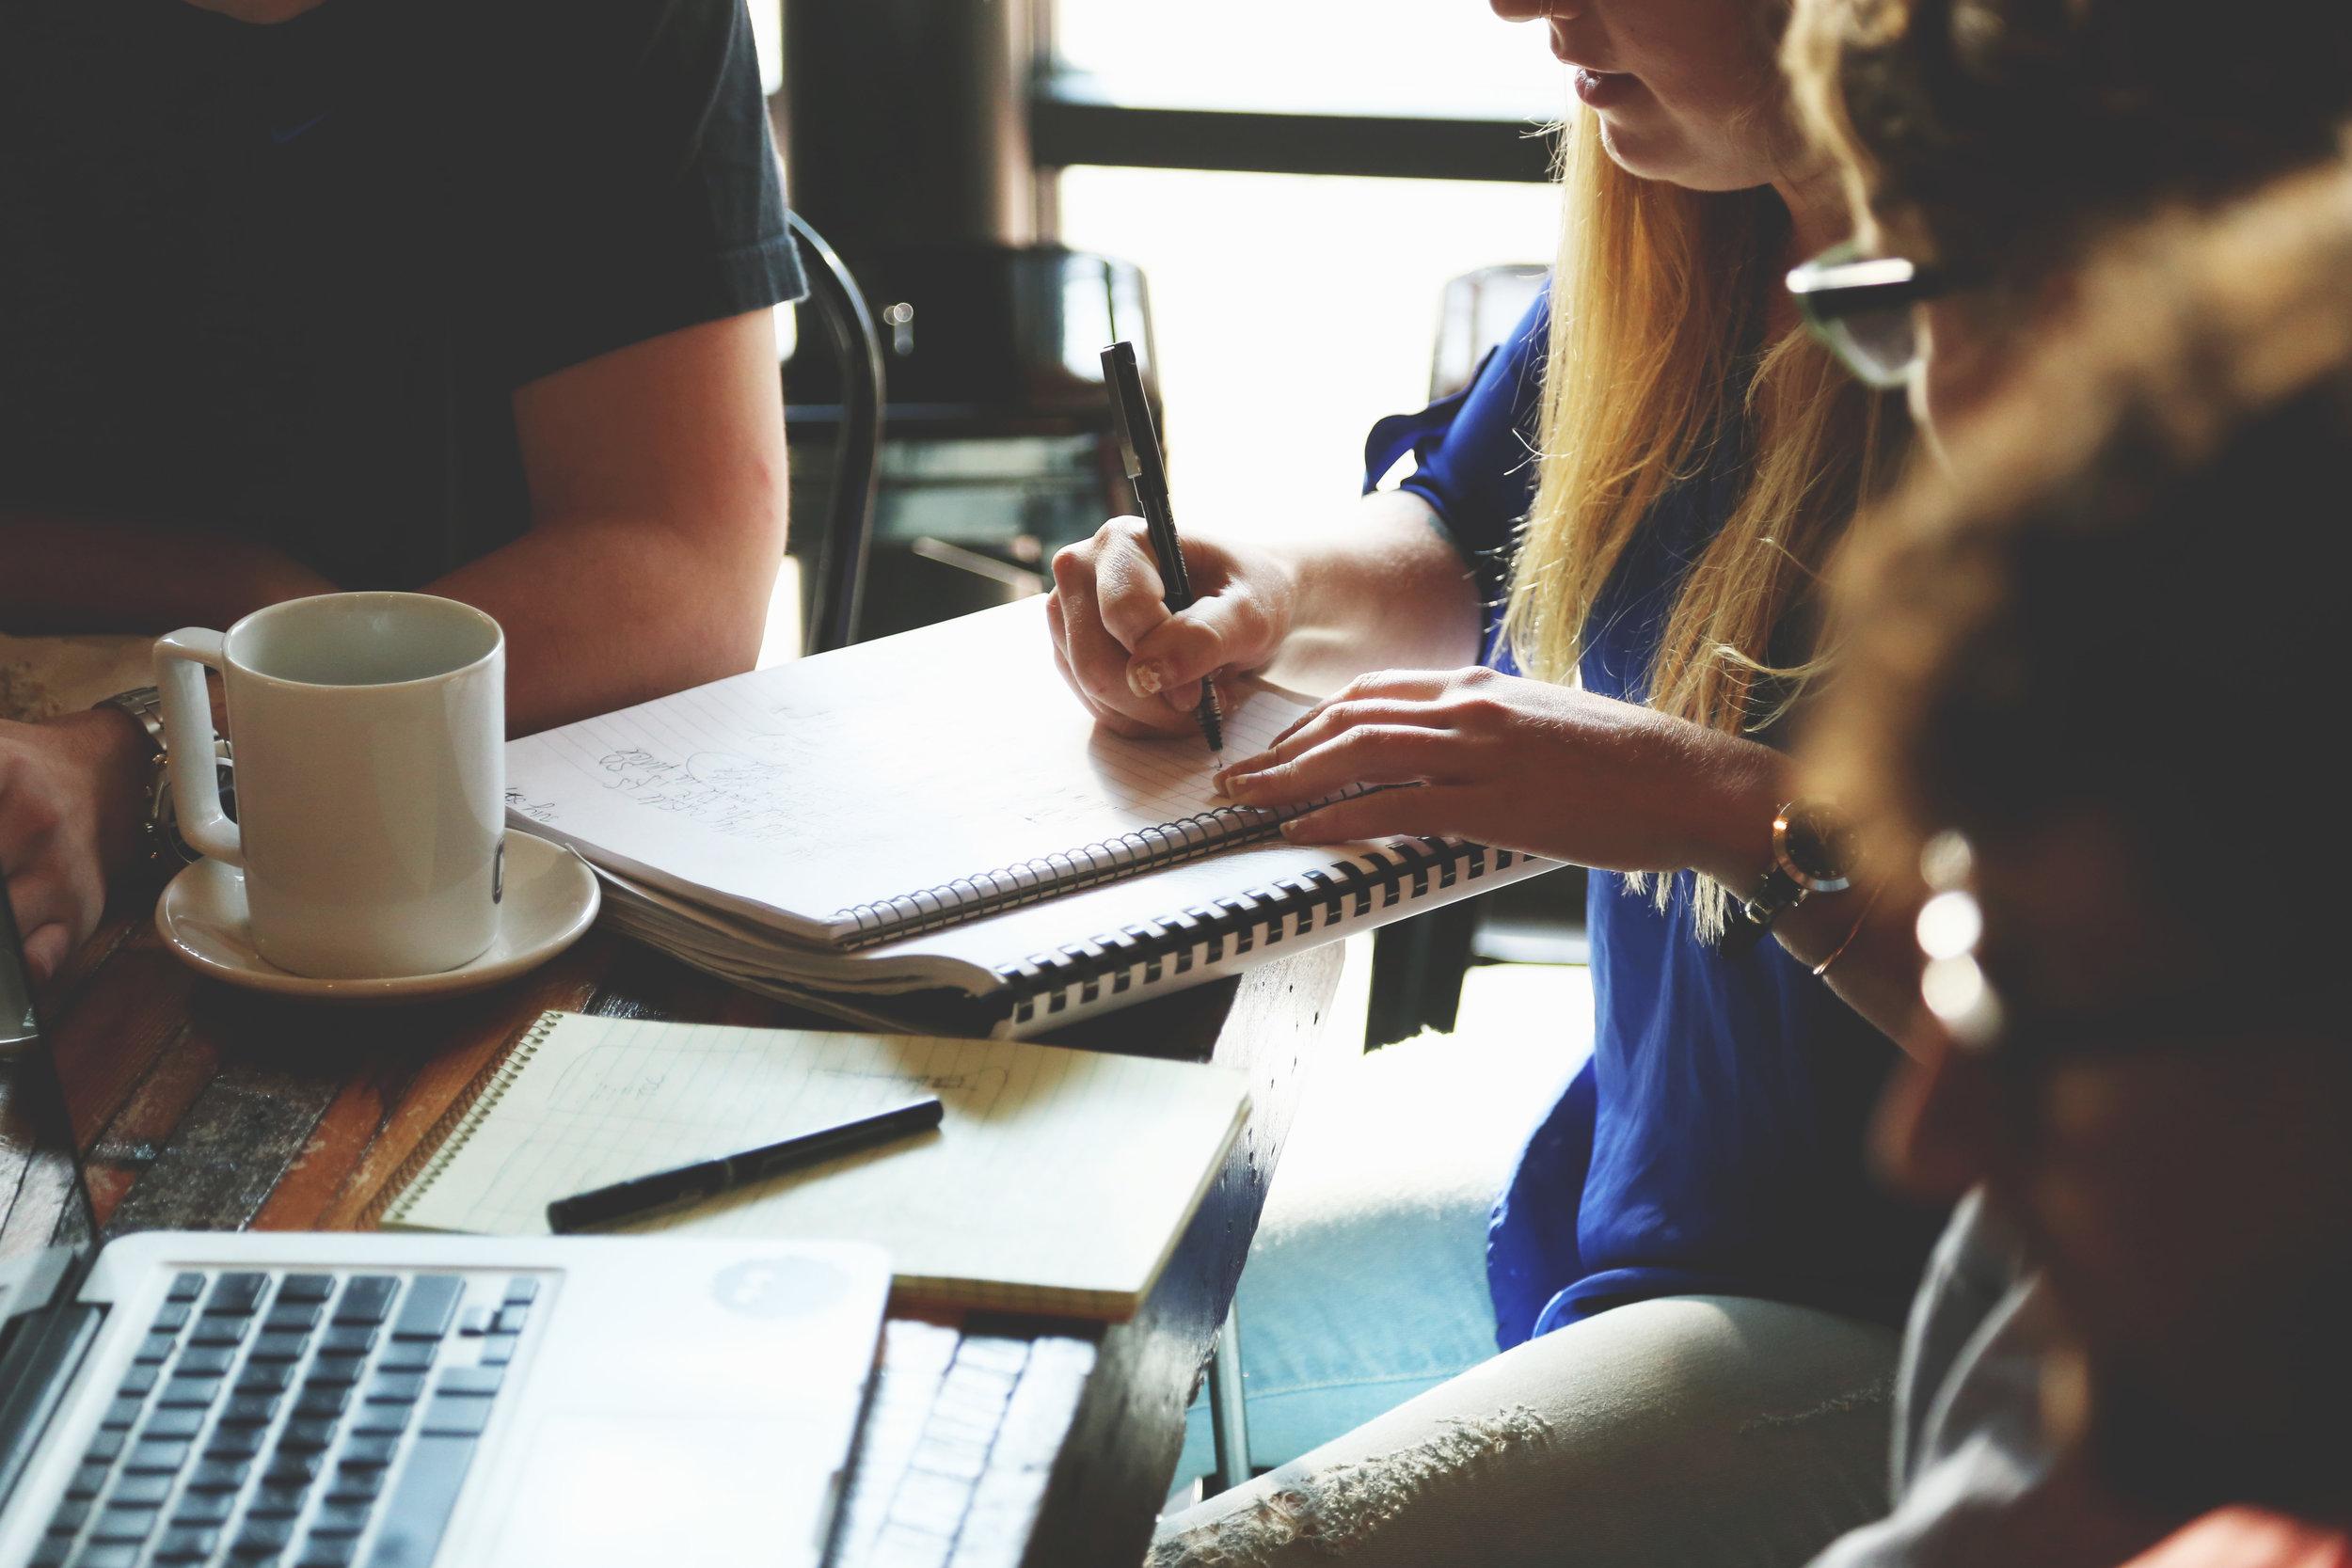 Étudiante prenant des notes